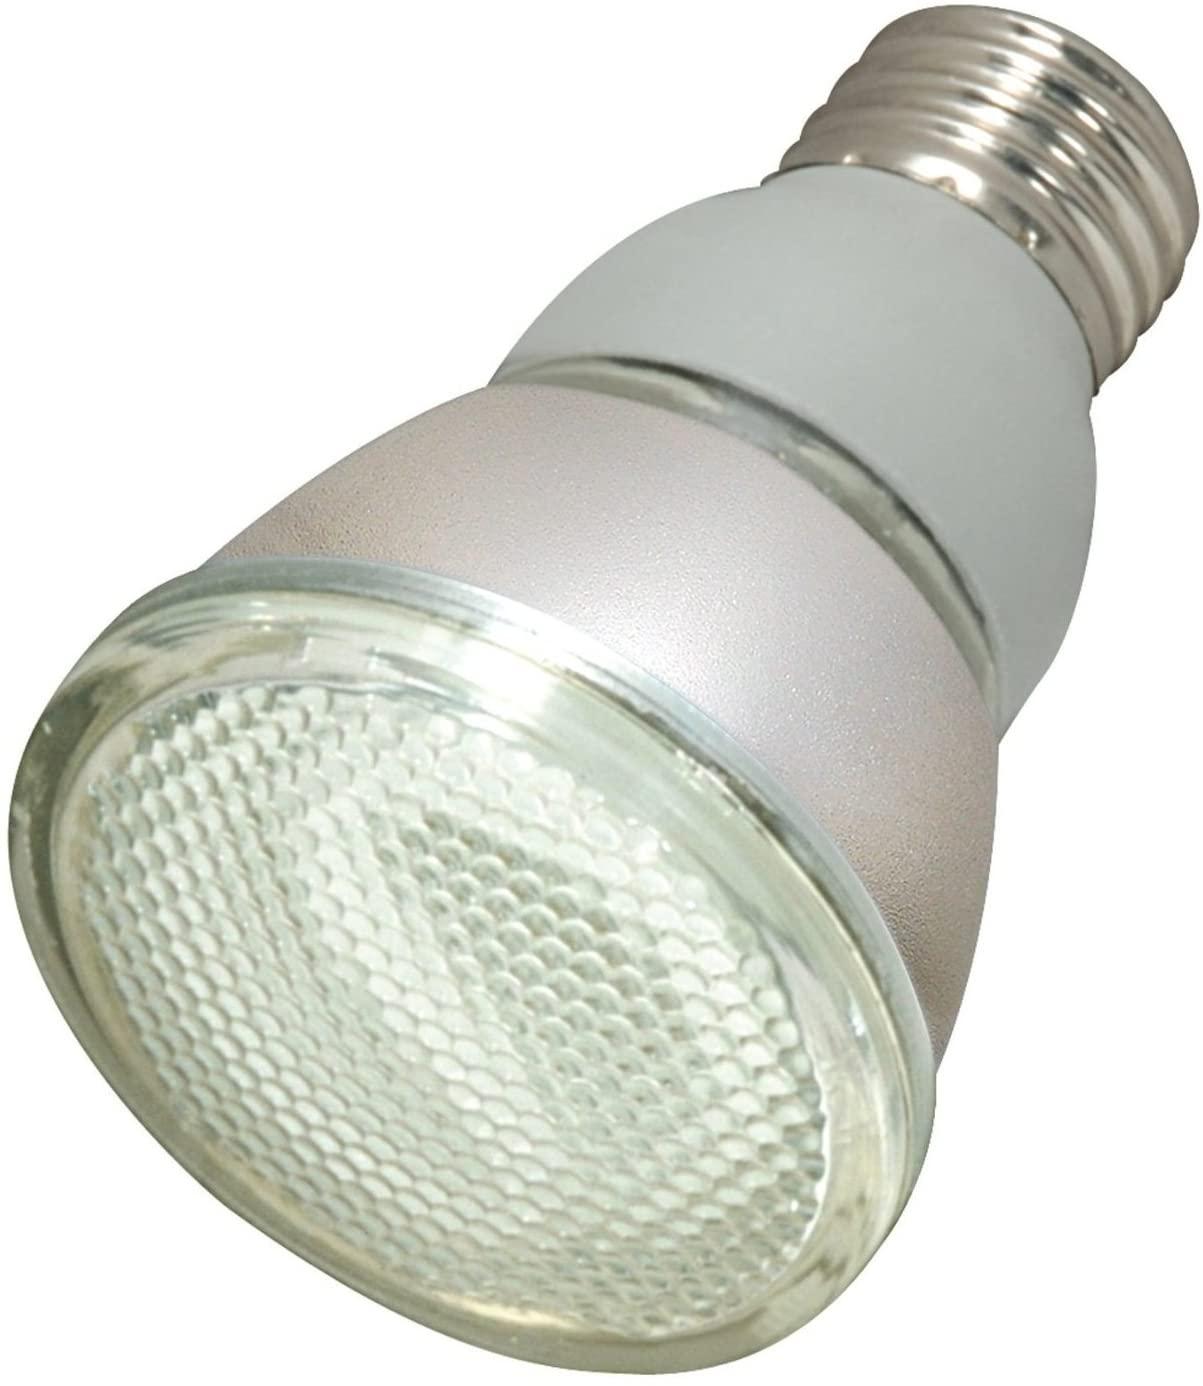 Satco 11W Par20 2700K CFL - S7207